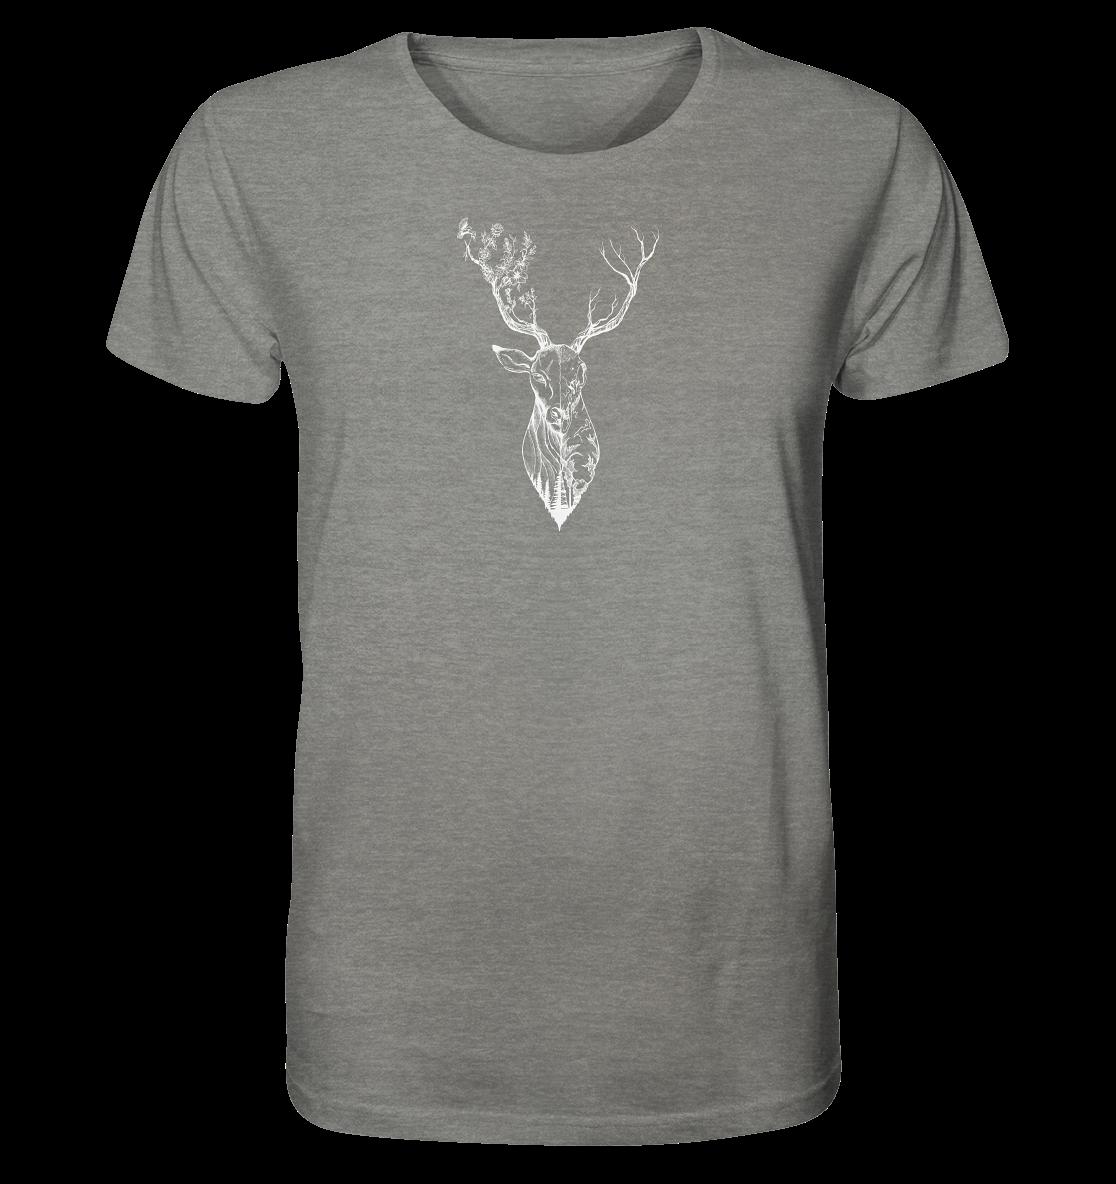 front-organic-shirt-meliert-818381-1116x-10.png